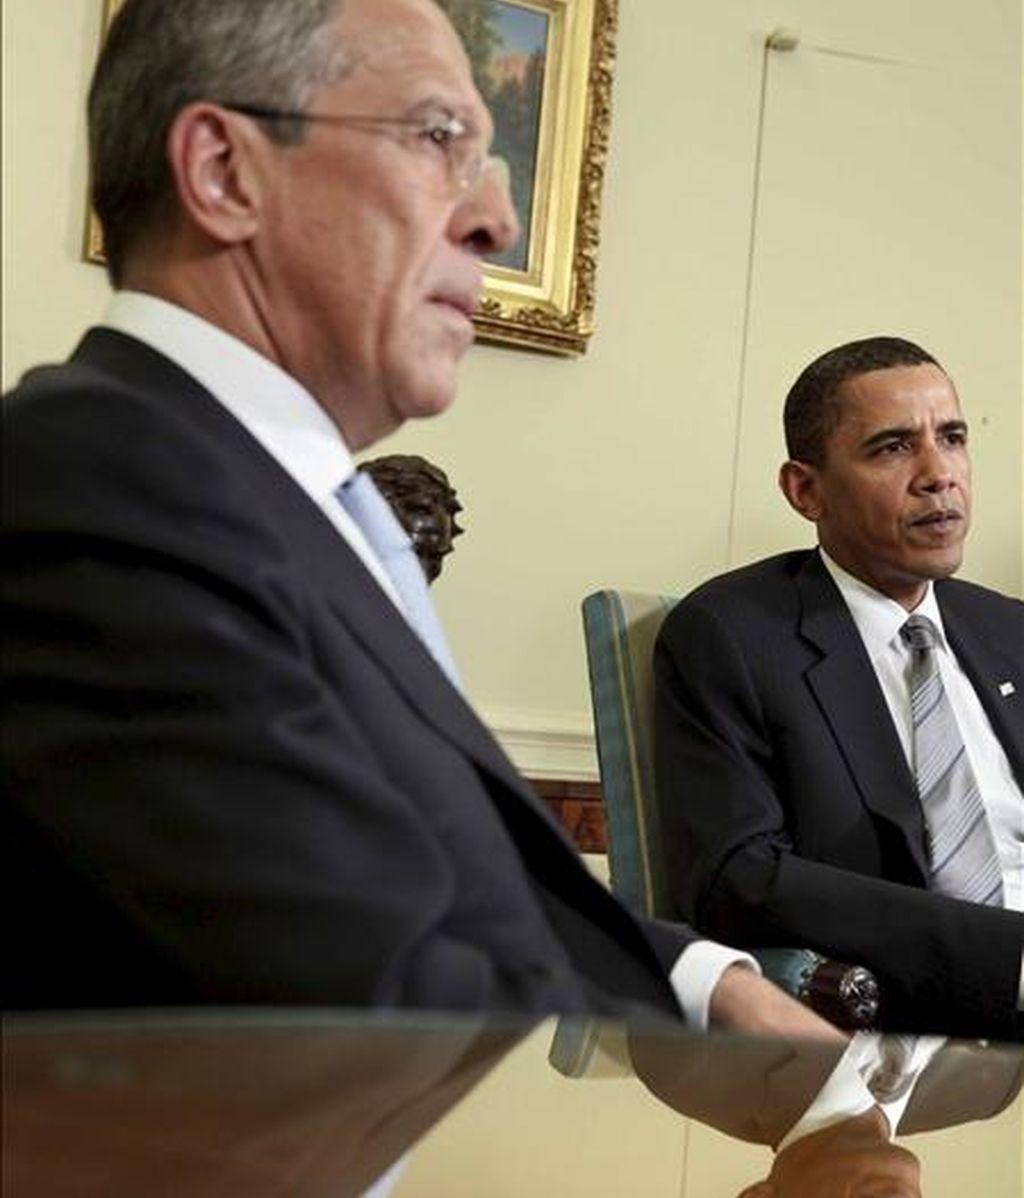 El presidente de Estados Unidos, Barack Obama (d), se reúne con el ministro de Relaciones Exteriores de Rusia, Sergey Lavrov (i), el pasado 8 de mayo en Washington. EFE/Archivo